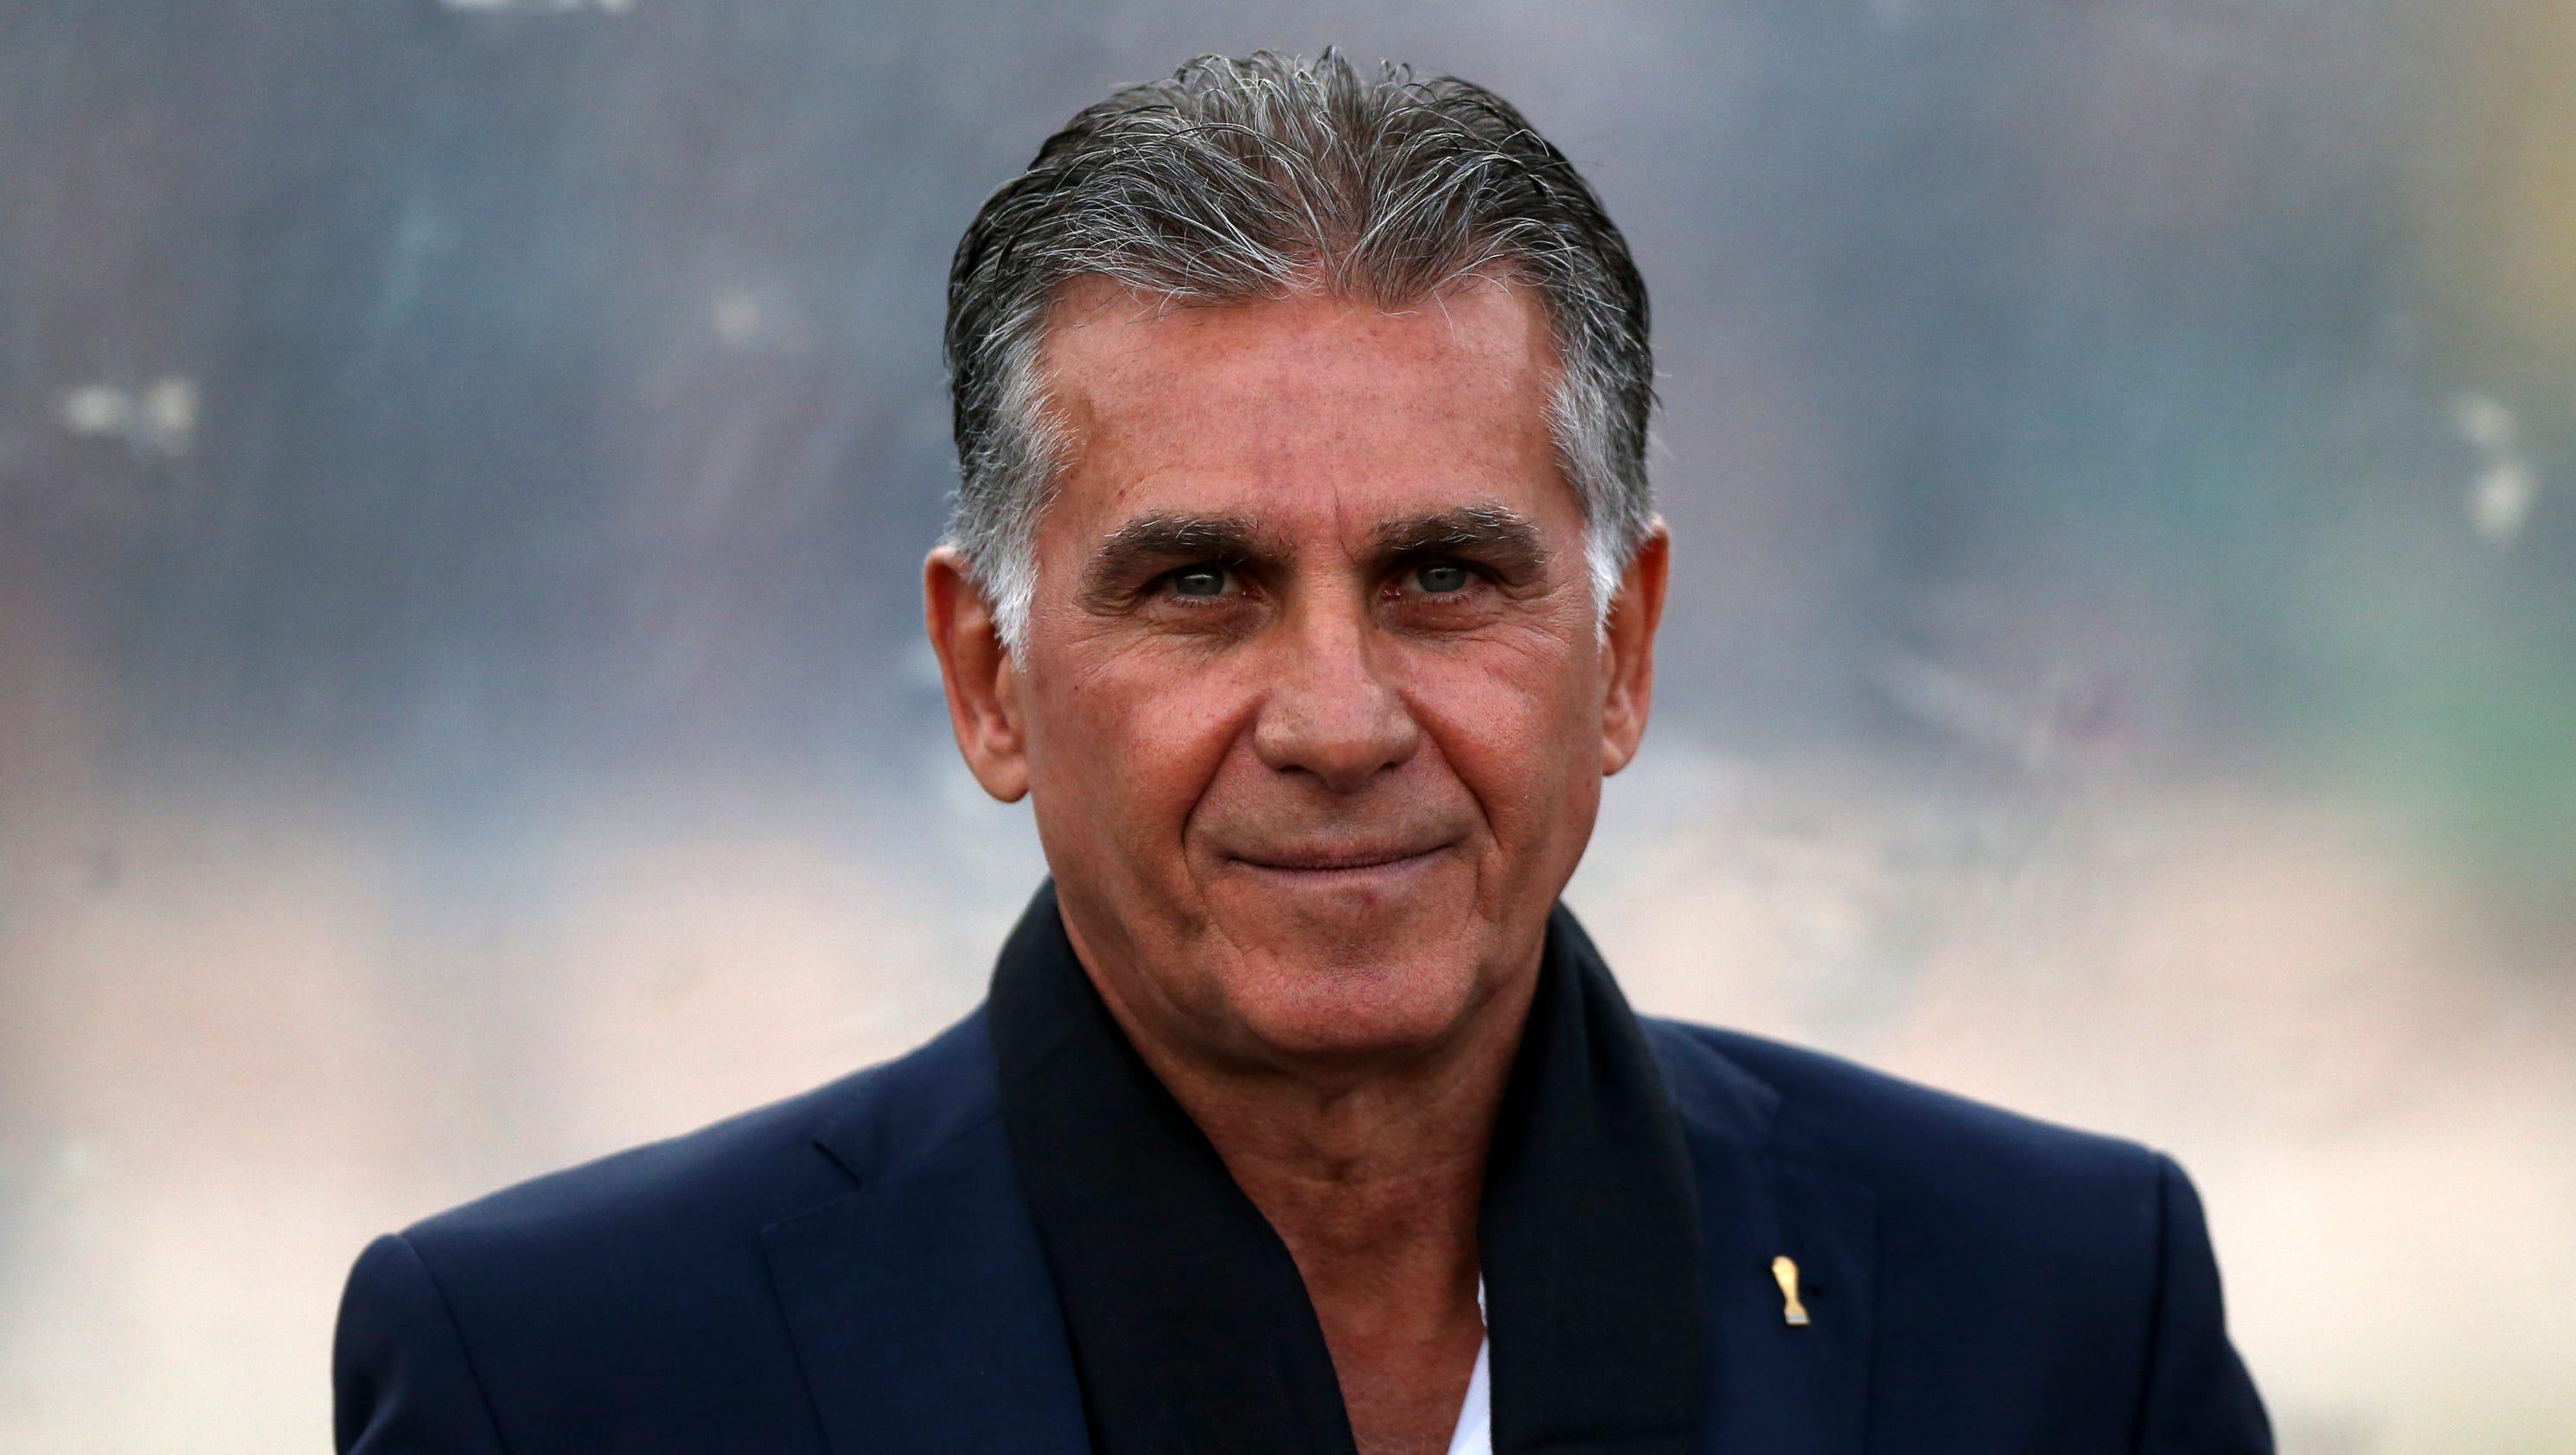 Iran national team coach Carlos Queiroz resigns